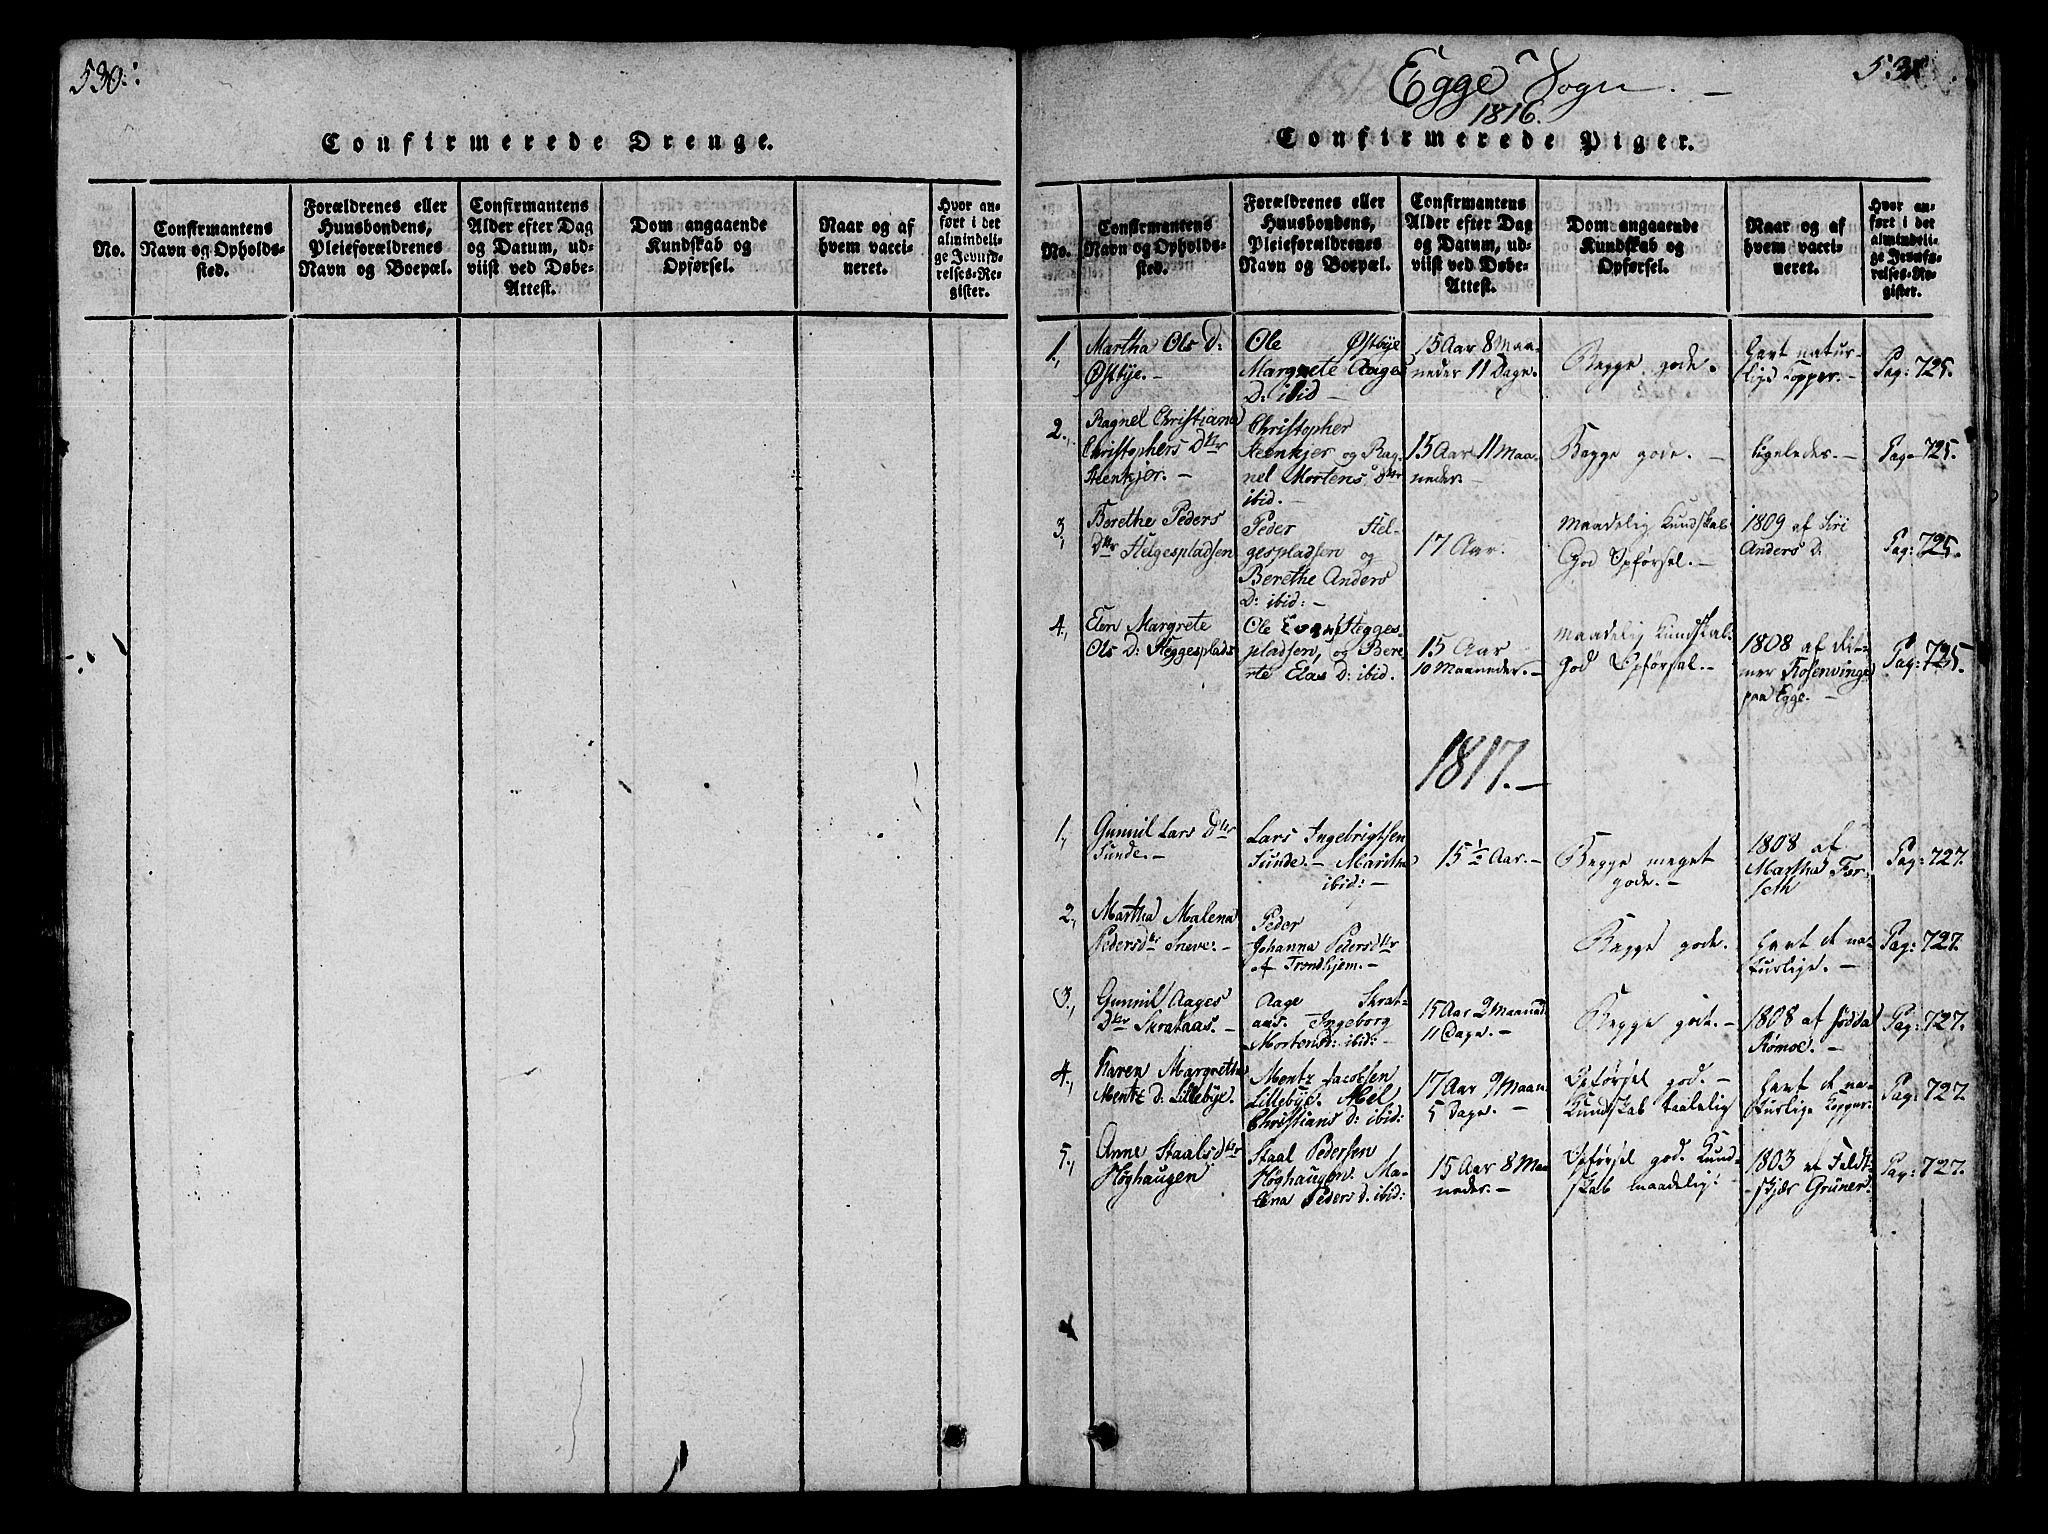 SAT, Ministerialprotokoller, klokkerbøker og fødselsregistre - Nord-Trøndelag, 746/L0441: Ministerialbok nr. 736A03 /3, 1816-1827, s. 530-531